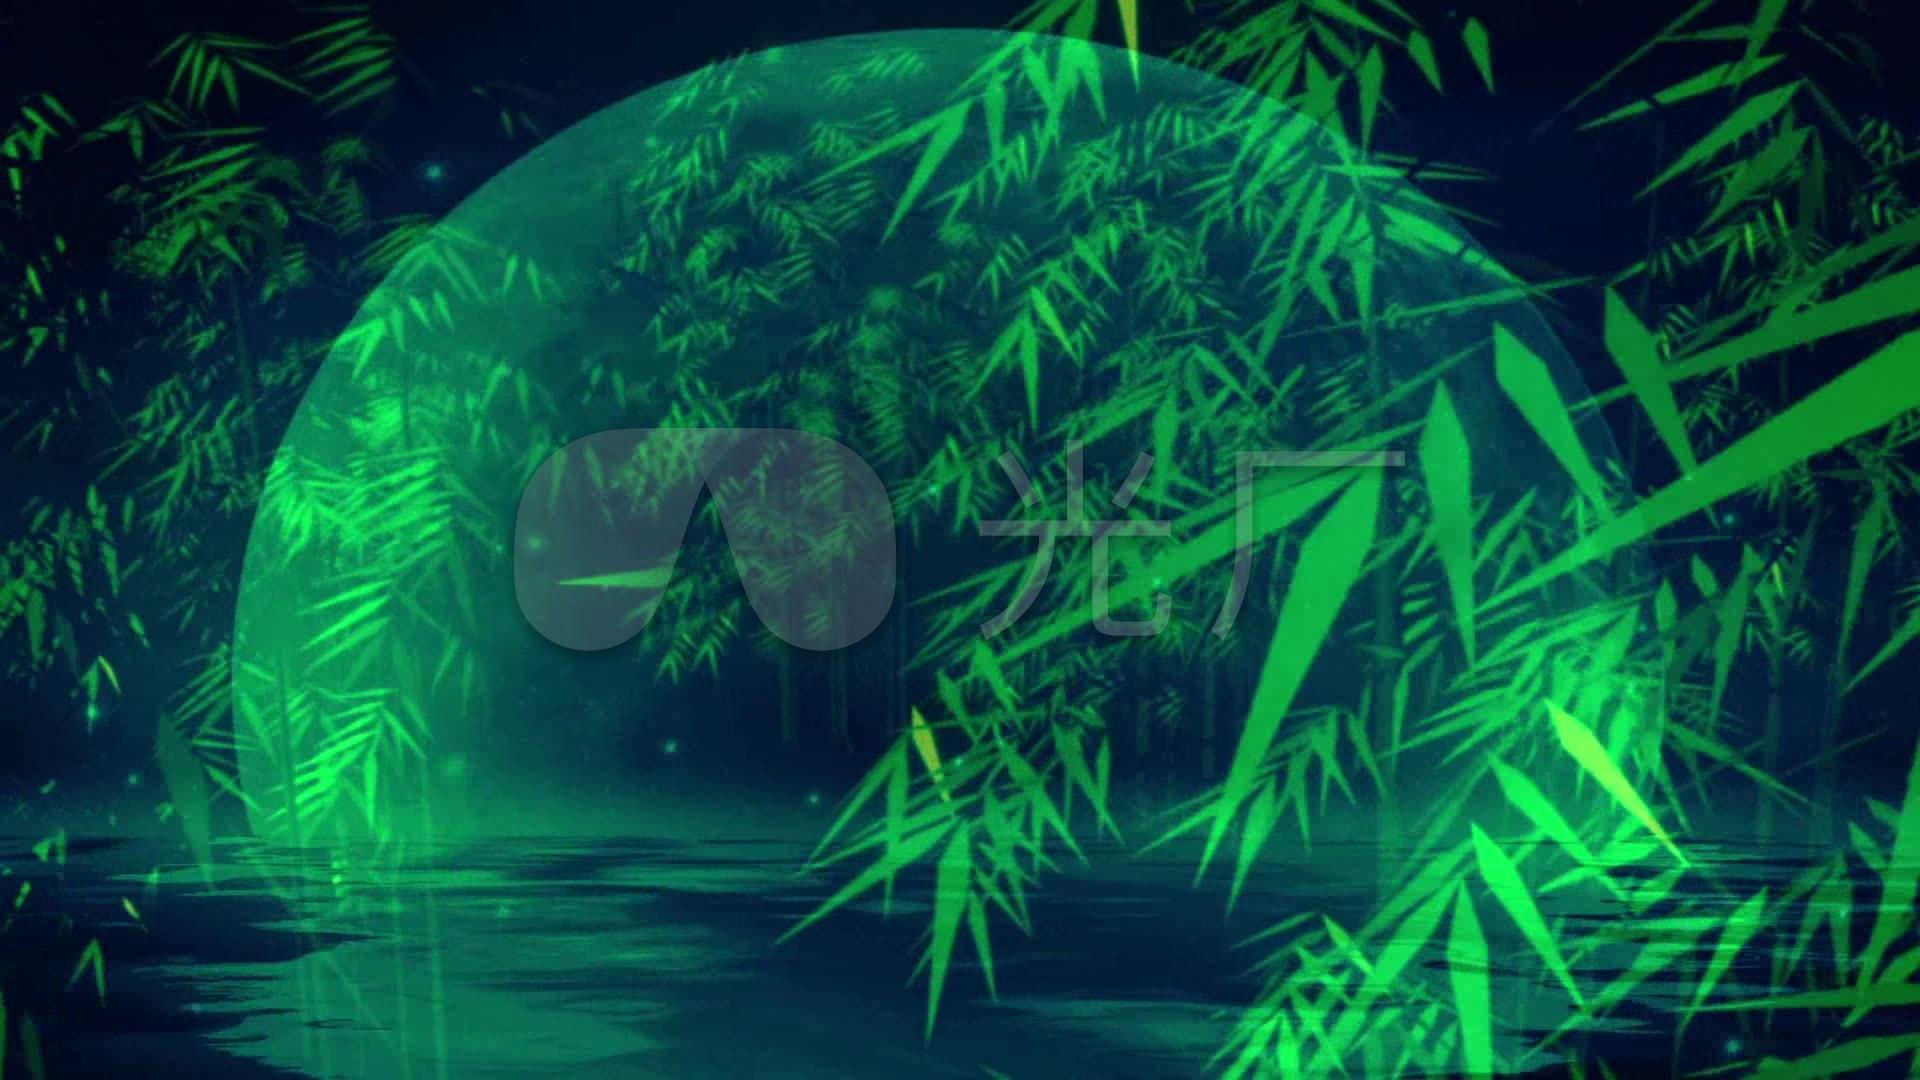 傣族民族舞蹈竹林月光下的凤尾竹圆月亮竹子